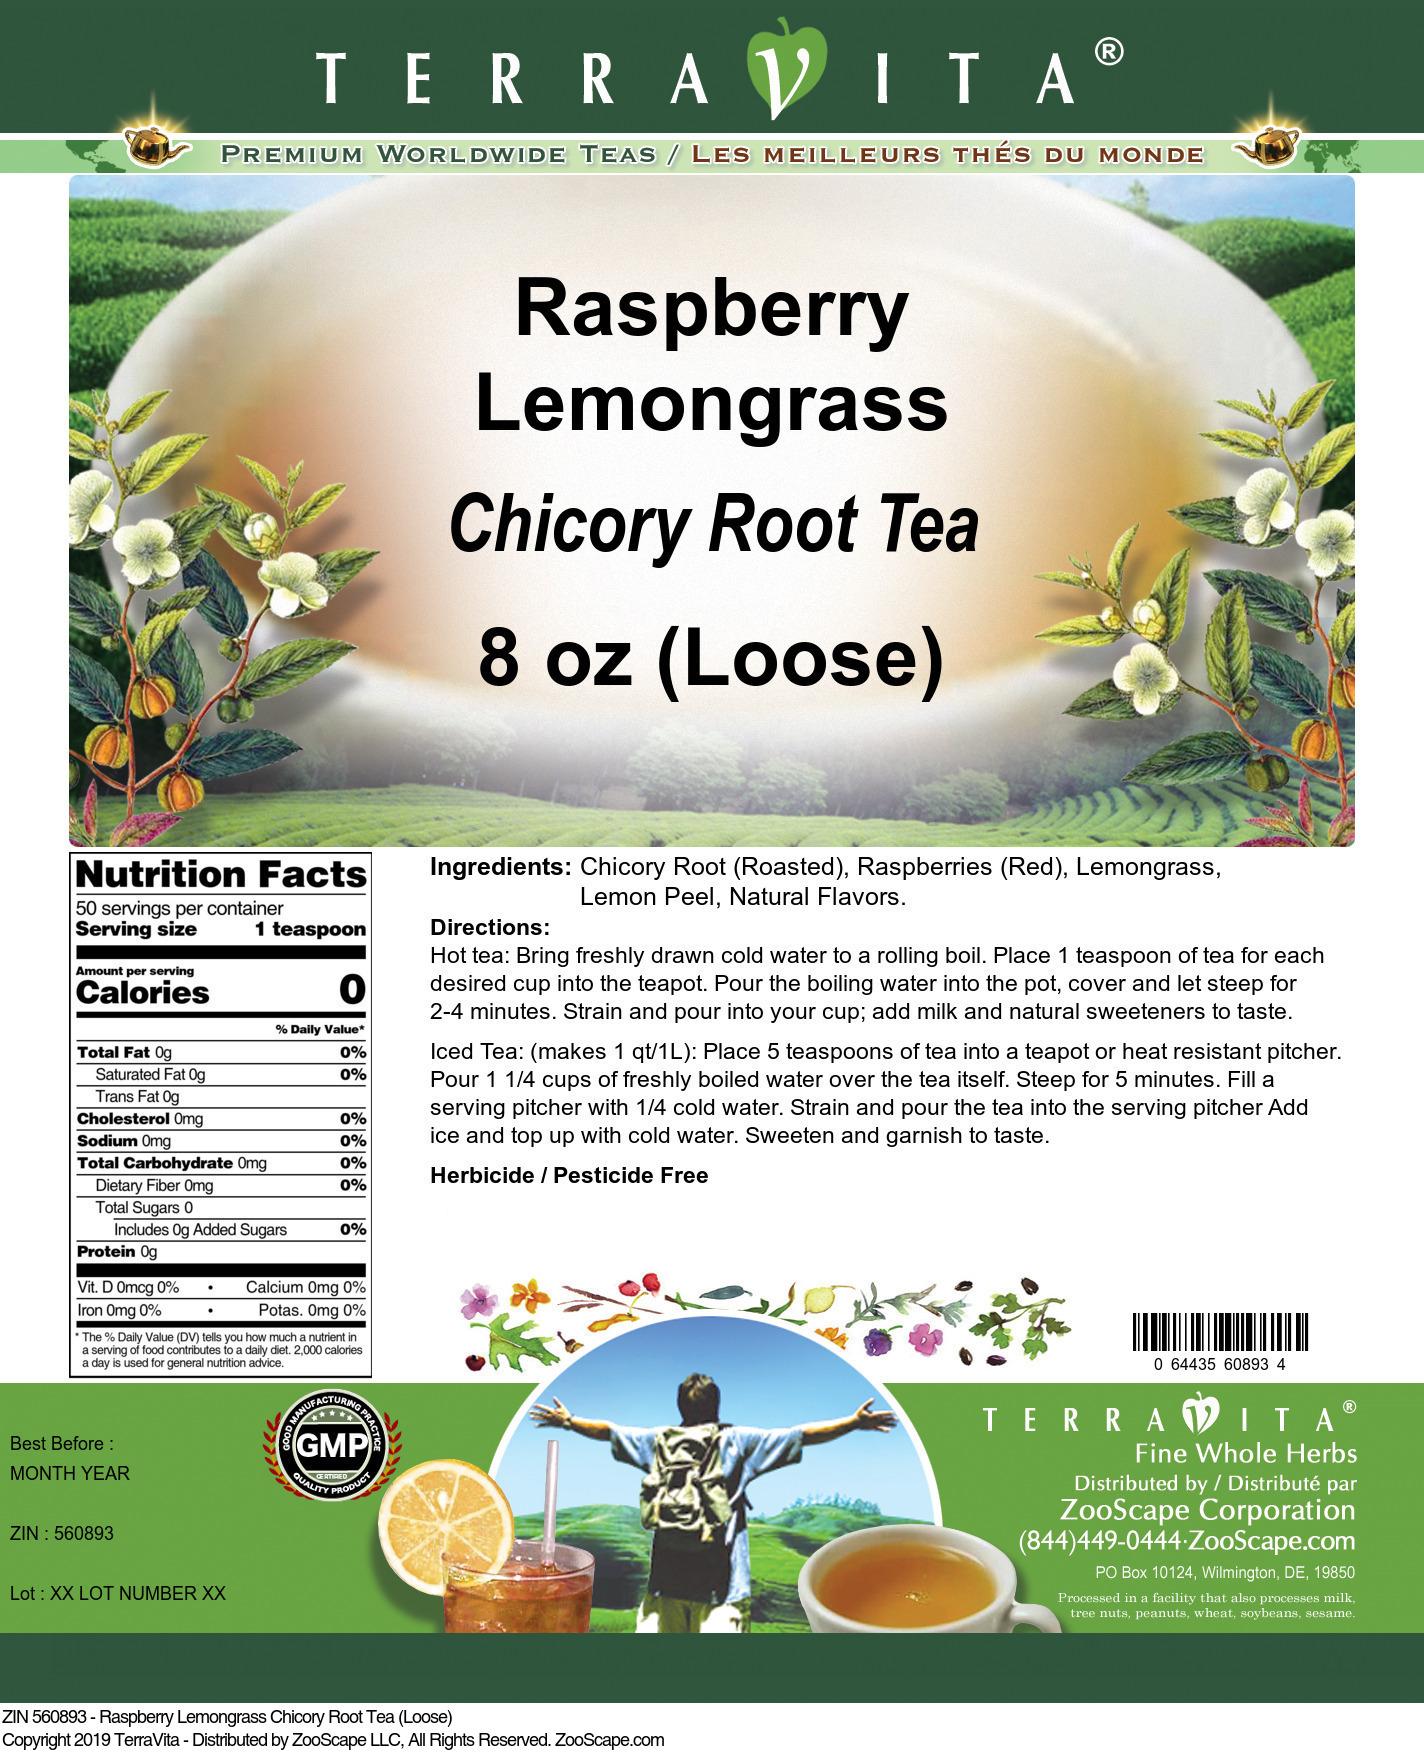 Raspberry Lemongrass Chicory Root